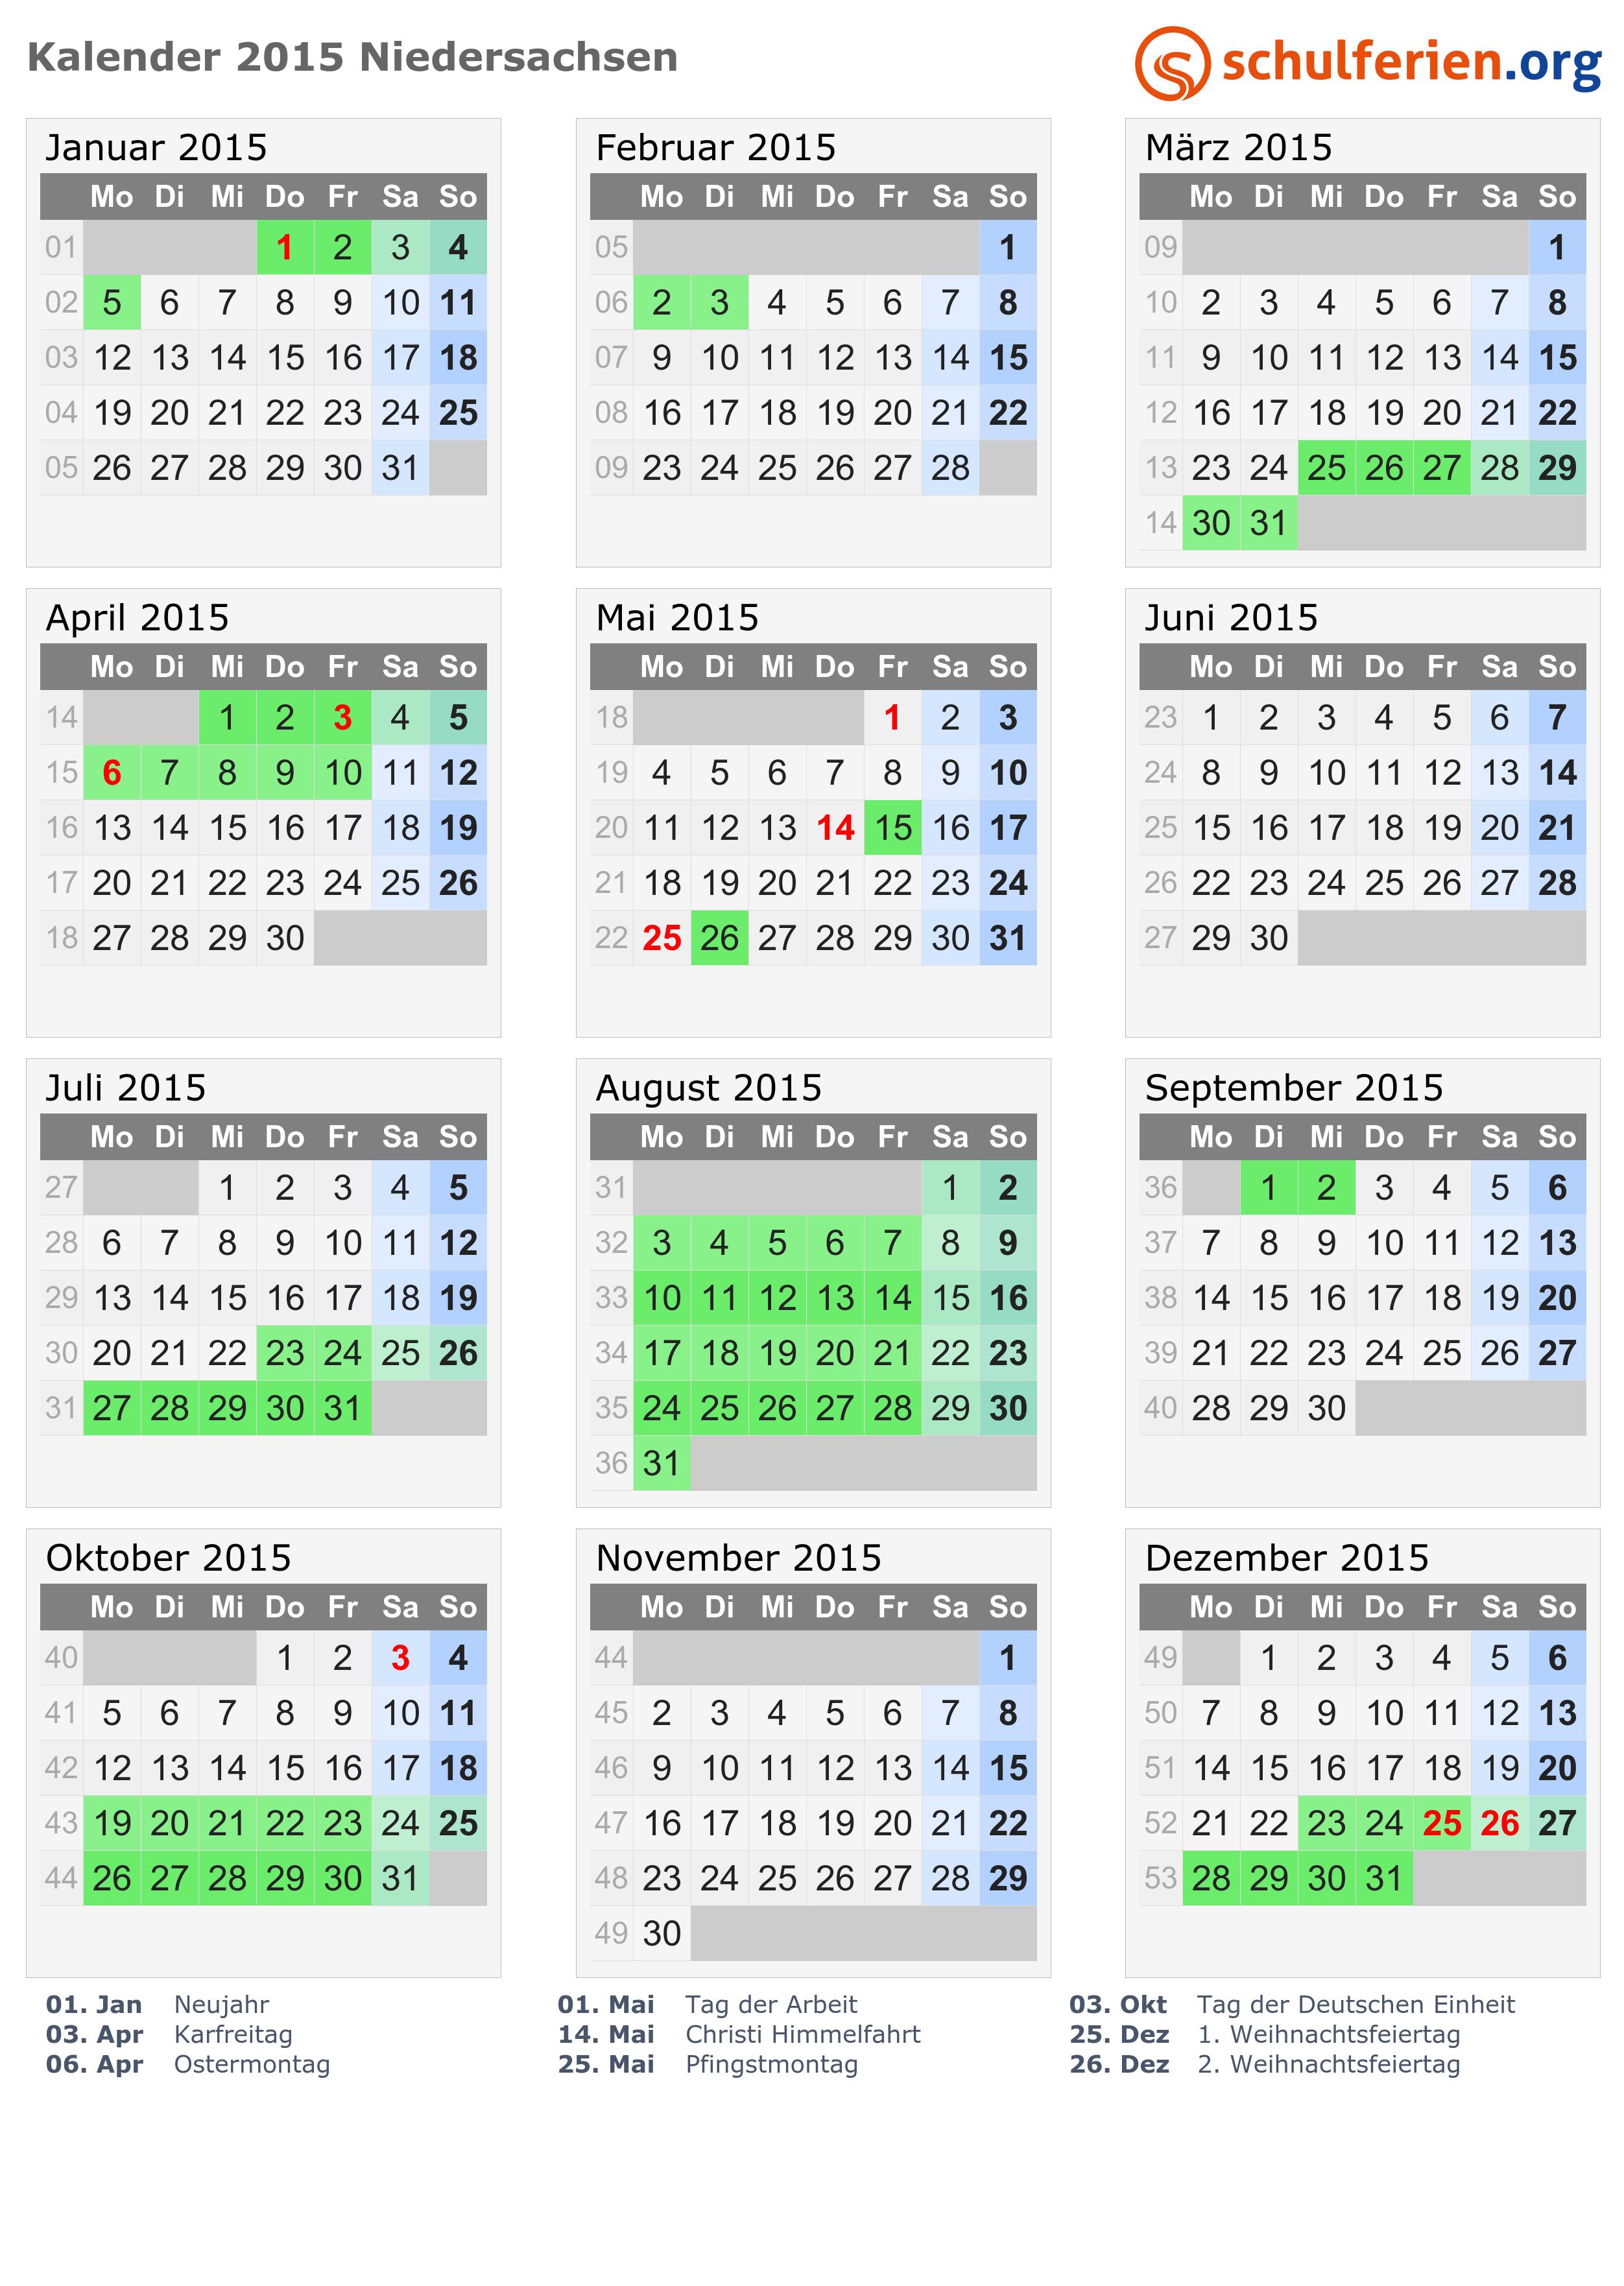 kalender 2015 ferien niedersachsen feiertage. Black Bedroom Furniture Sets. Home Design Ideas